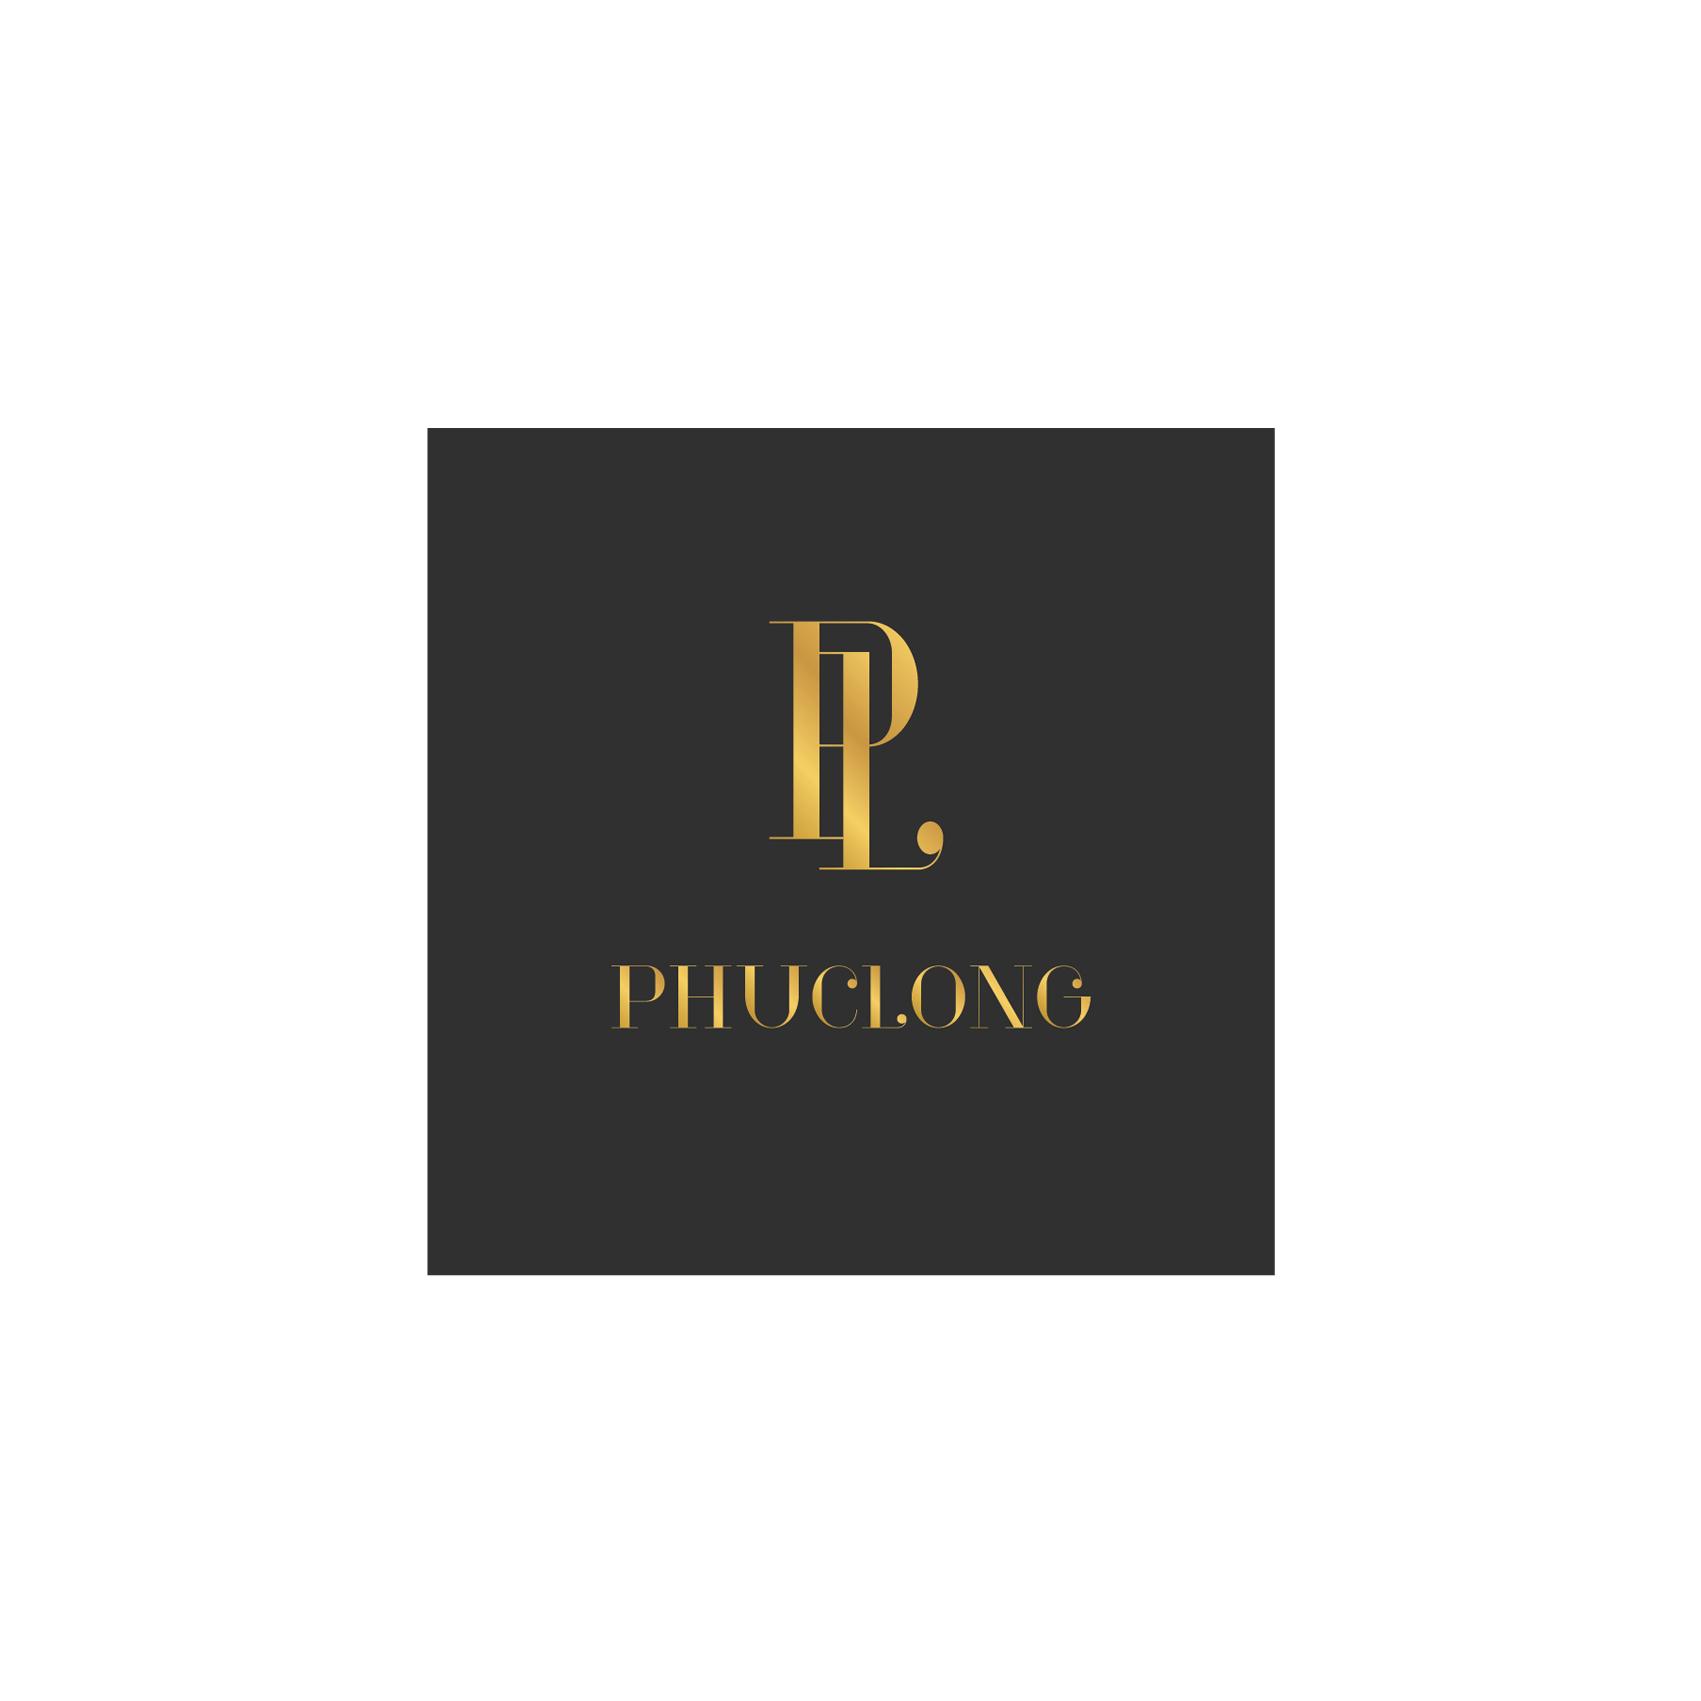 Phúc-Long-logo thiết kế bởi Helixgram thiết kế logo trọn bộ nhận diện thương hiệu thiết kế hình ảnh đại diện brand identity thiết kế đồ họa in ấn quảng cáo thiết kế website WordPress Helixgram